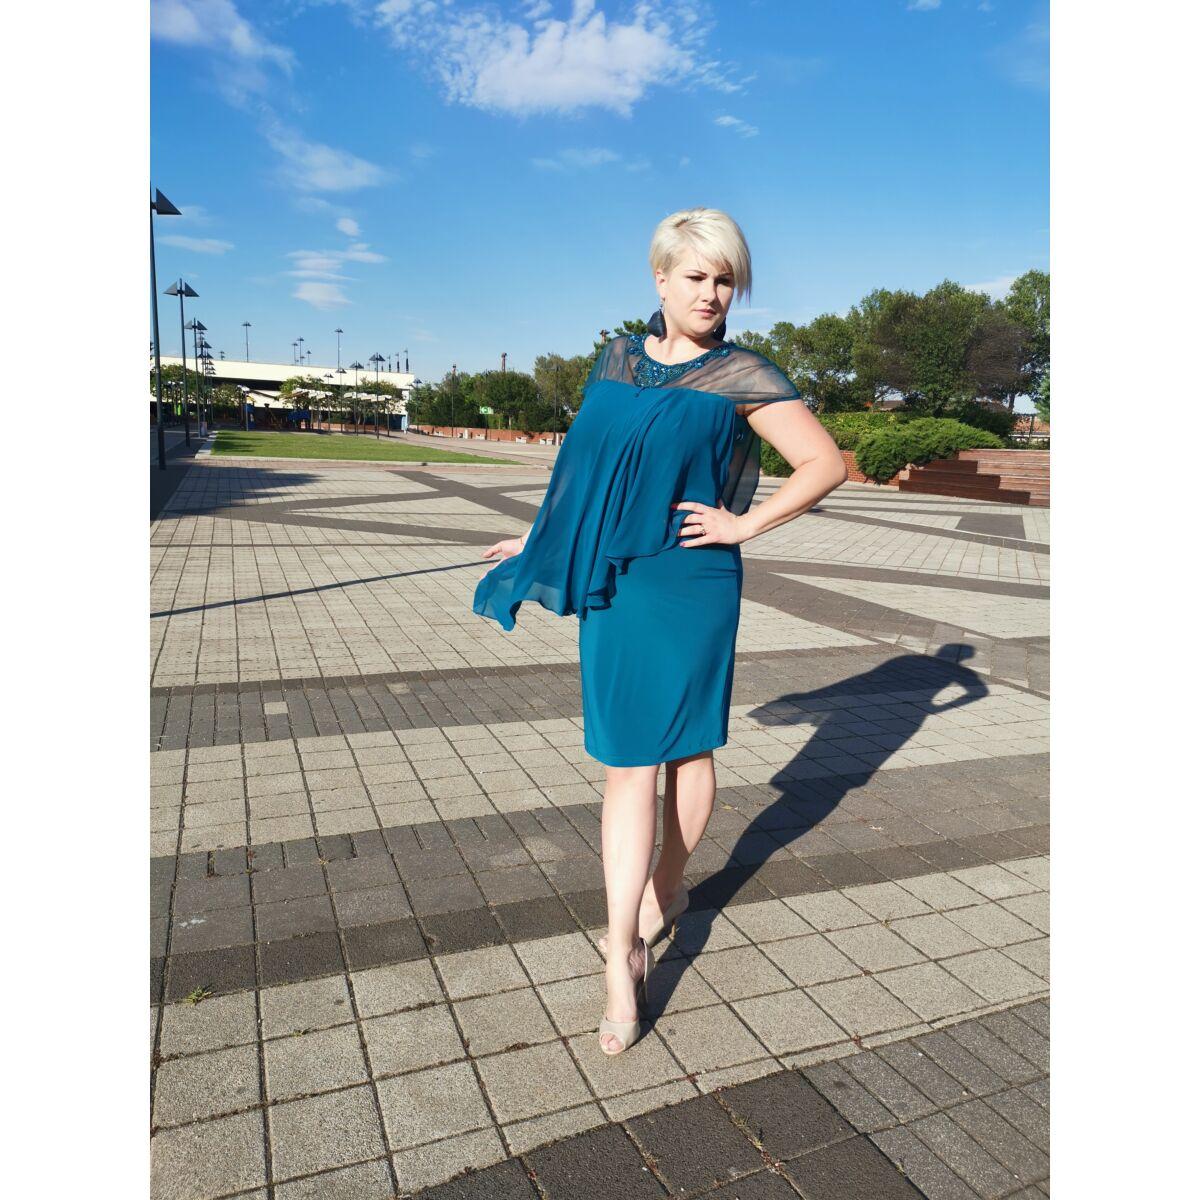 Lea ruha - plus size örömanya és alkalmi ruha